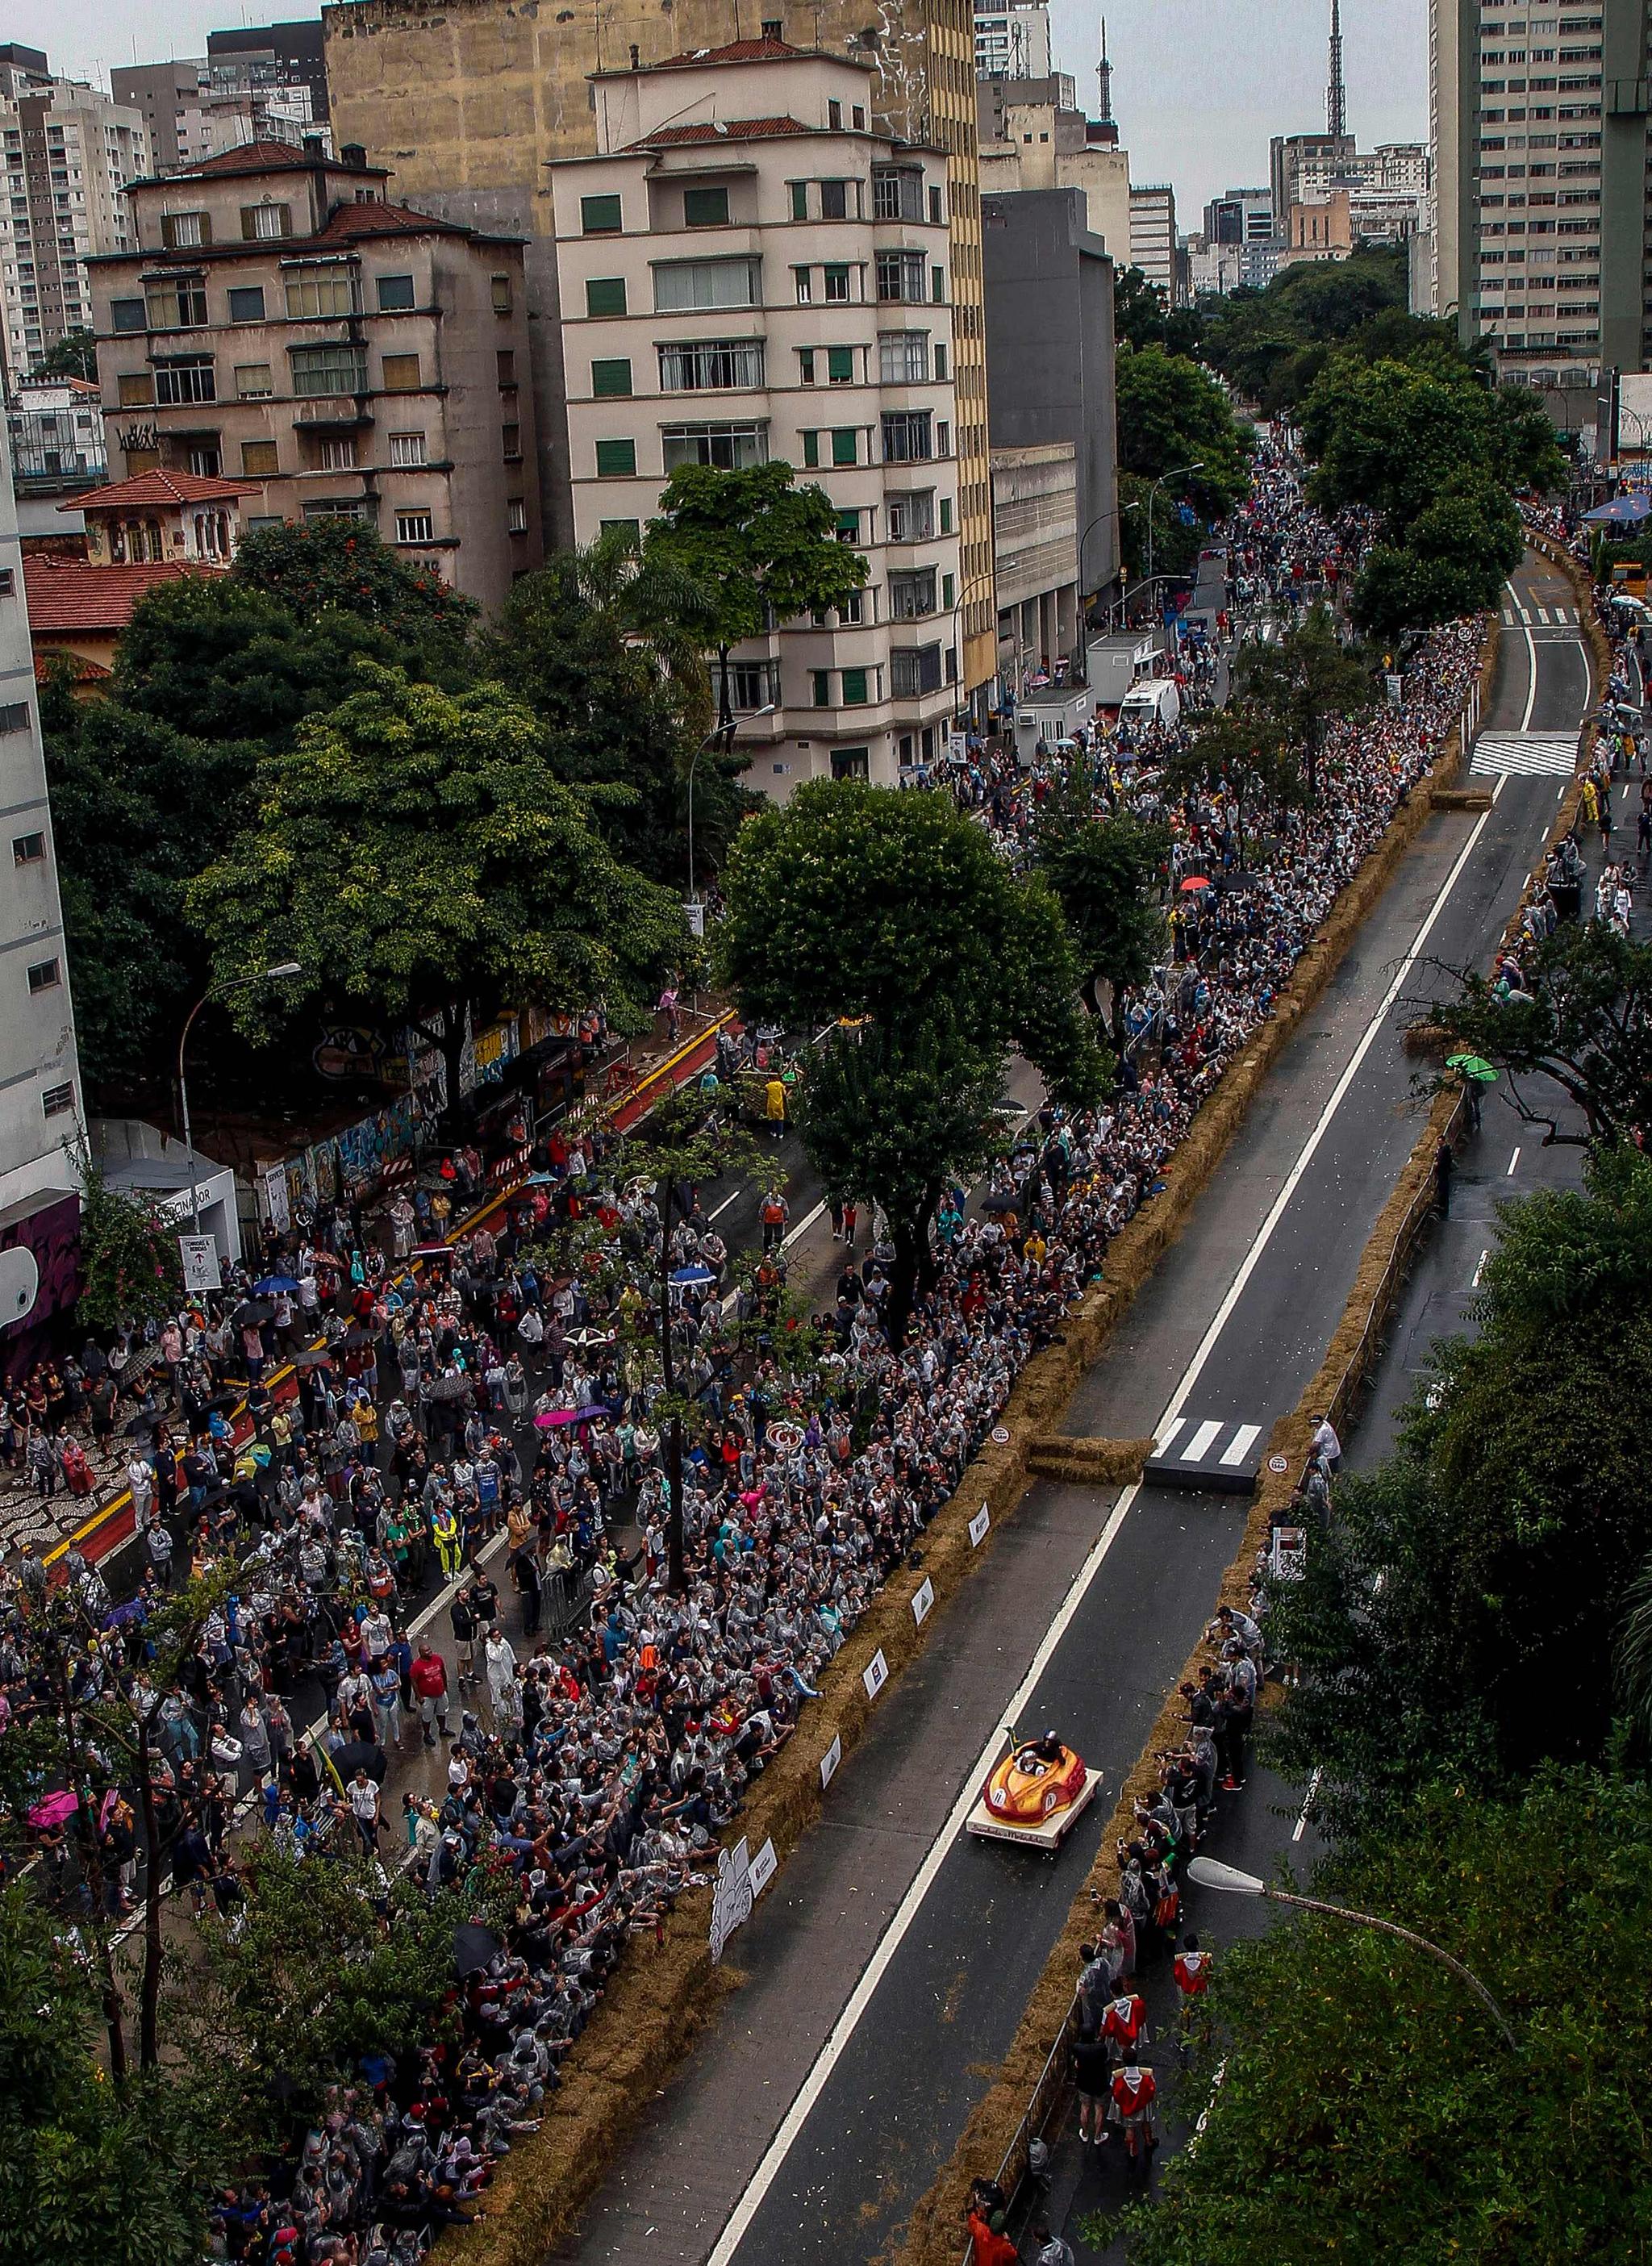 관중들이 14일(현지시간) 브라질 상파울루에서 열린 '레드불 소프박스 레이스'에서 질주하는 무동력 차량을 보며 환호하고 있다. [AFP=연합뉴스]